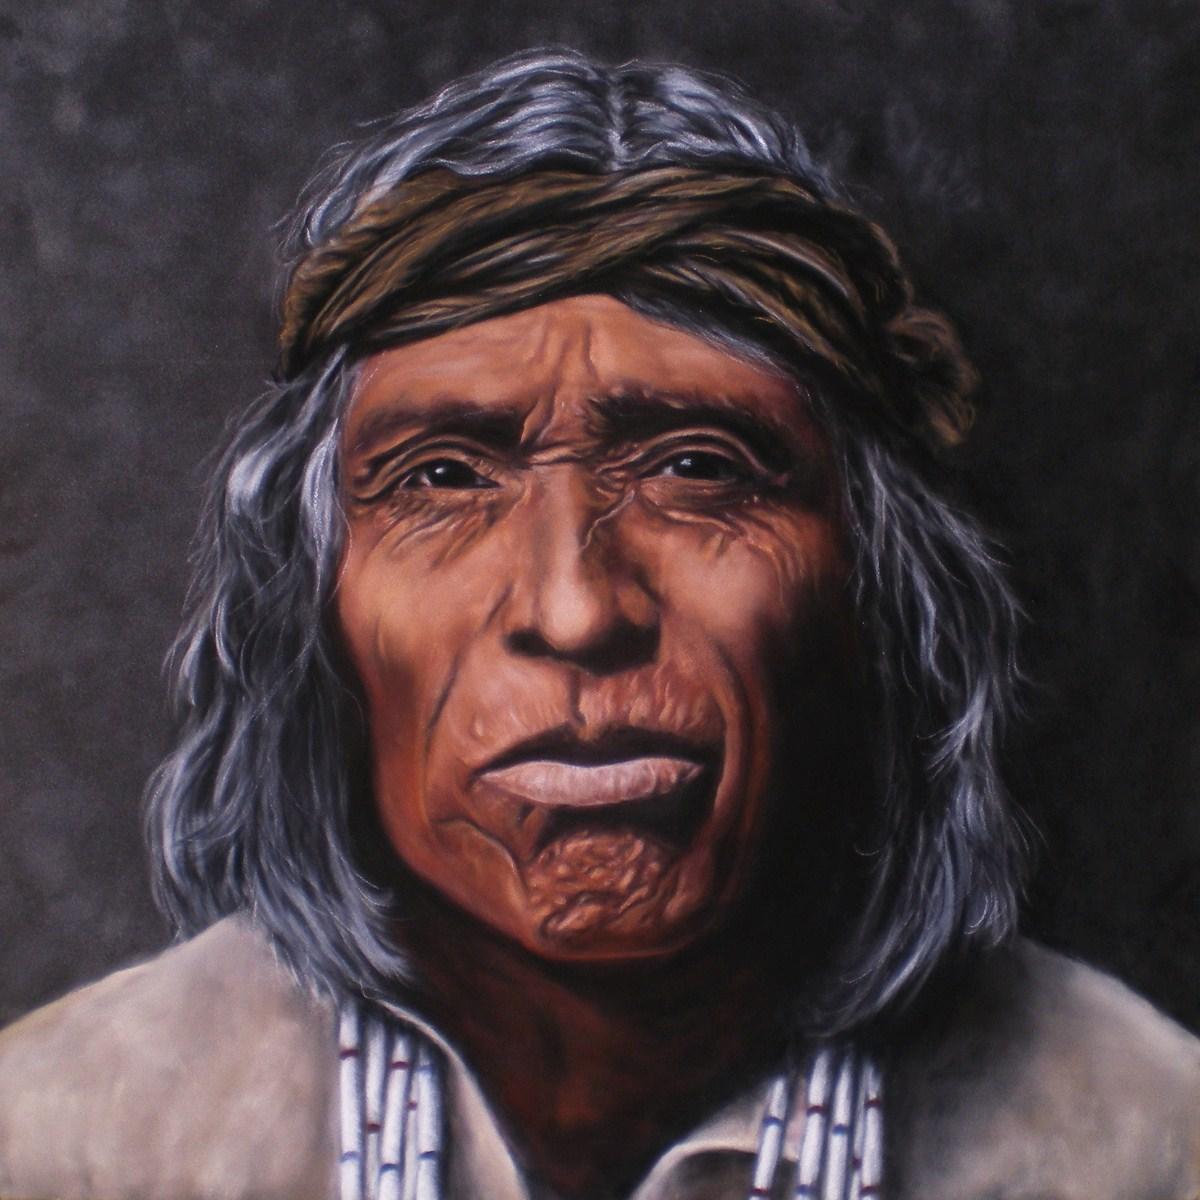 Zuni (14x14 Original Pastel on Suede Portrait, Framed) by Jessica Crabtree